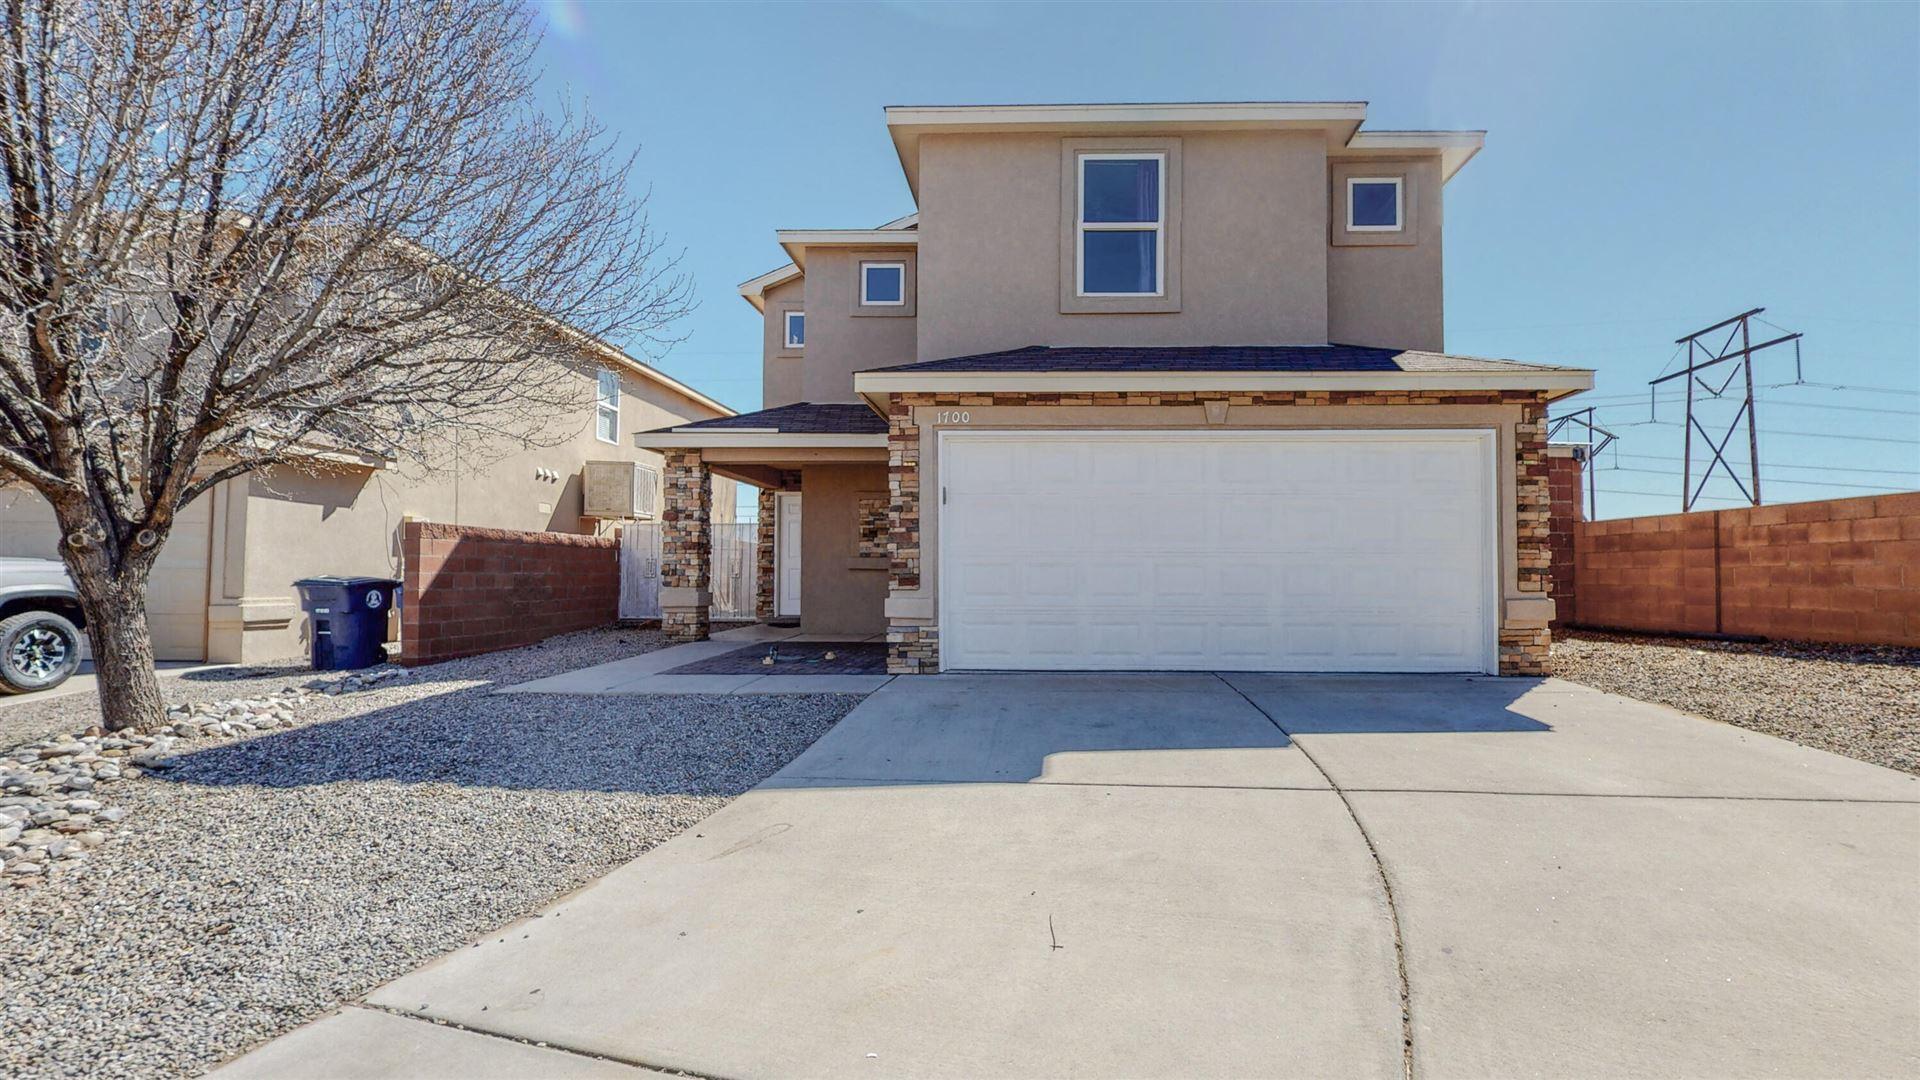 1700 cielo oeste NW, Albuquerque, NM 87120 - MLS#: 986757